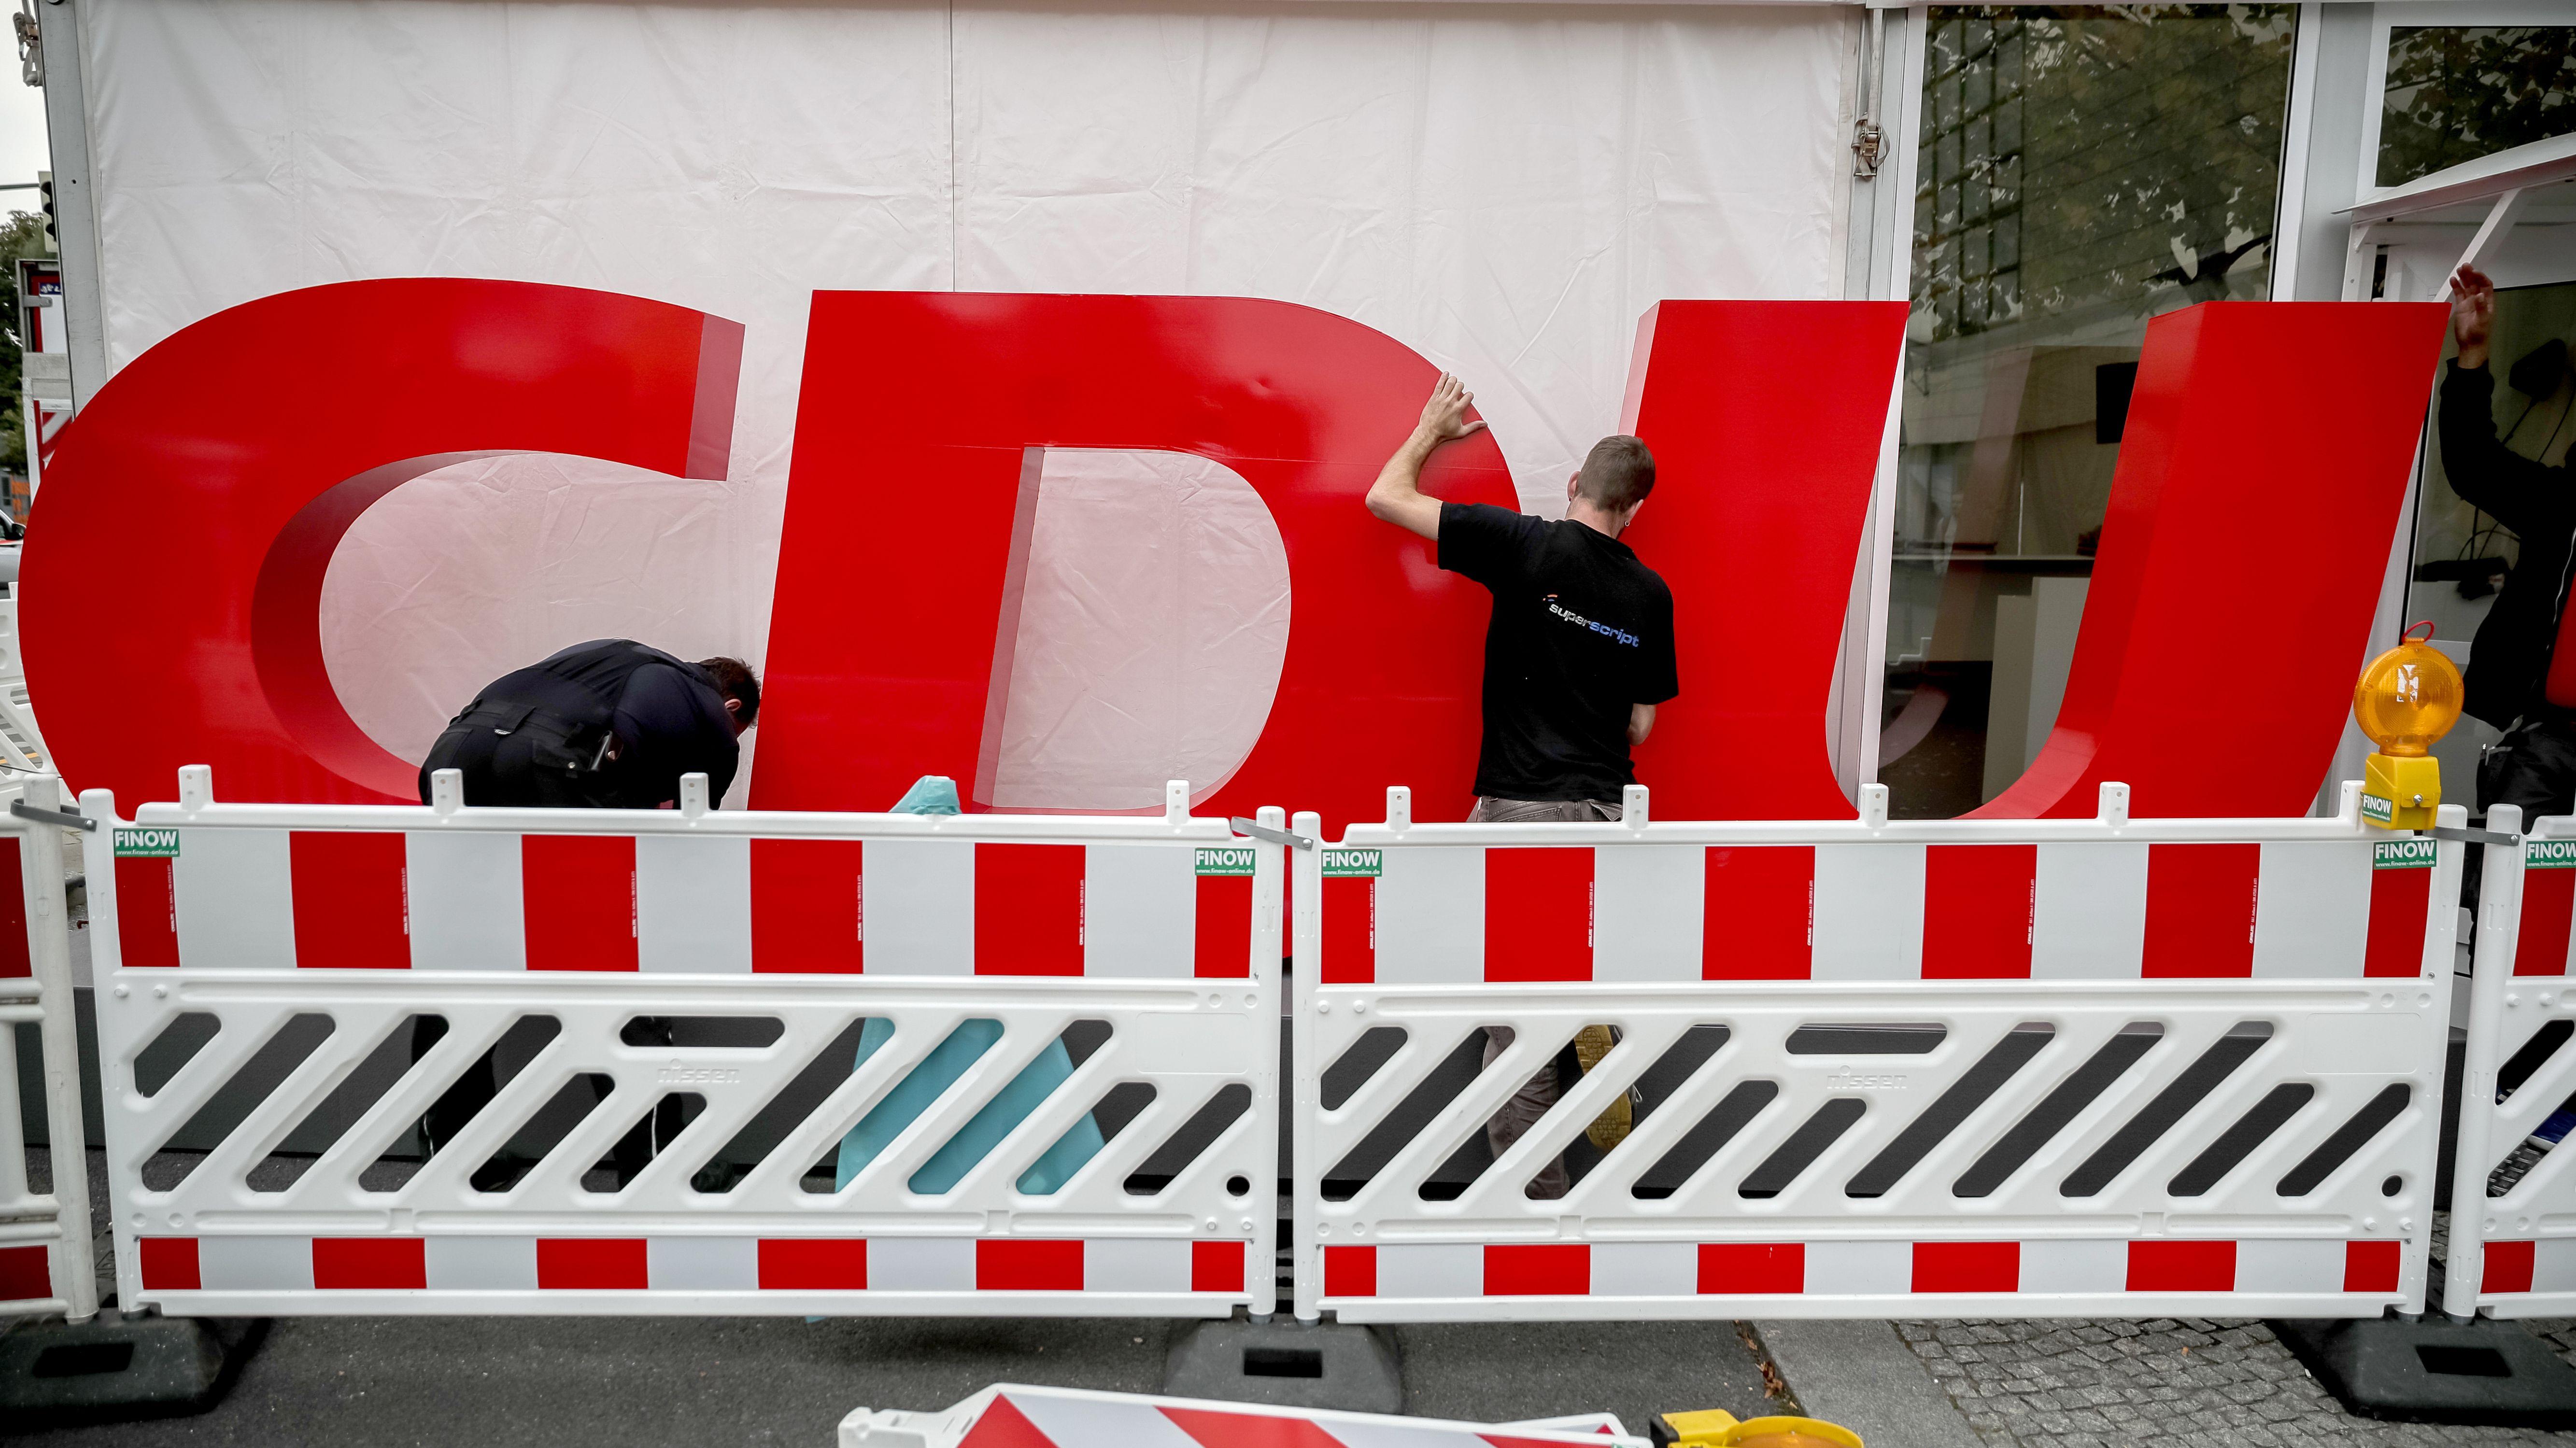 Arbeiten am CDU-Logo vor der Parteizentrale, dem Konrad-Adenauer-Haus in Berlin.